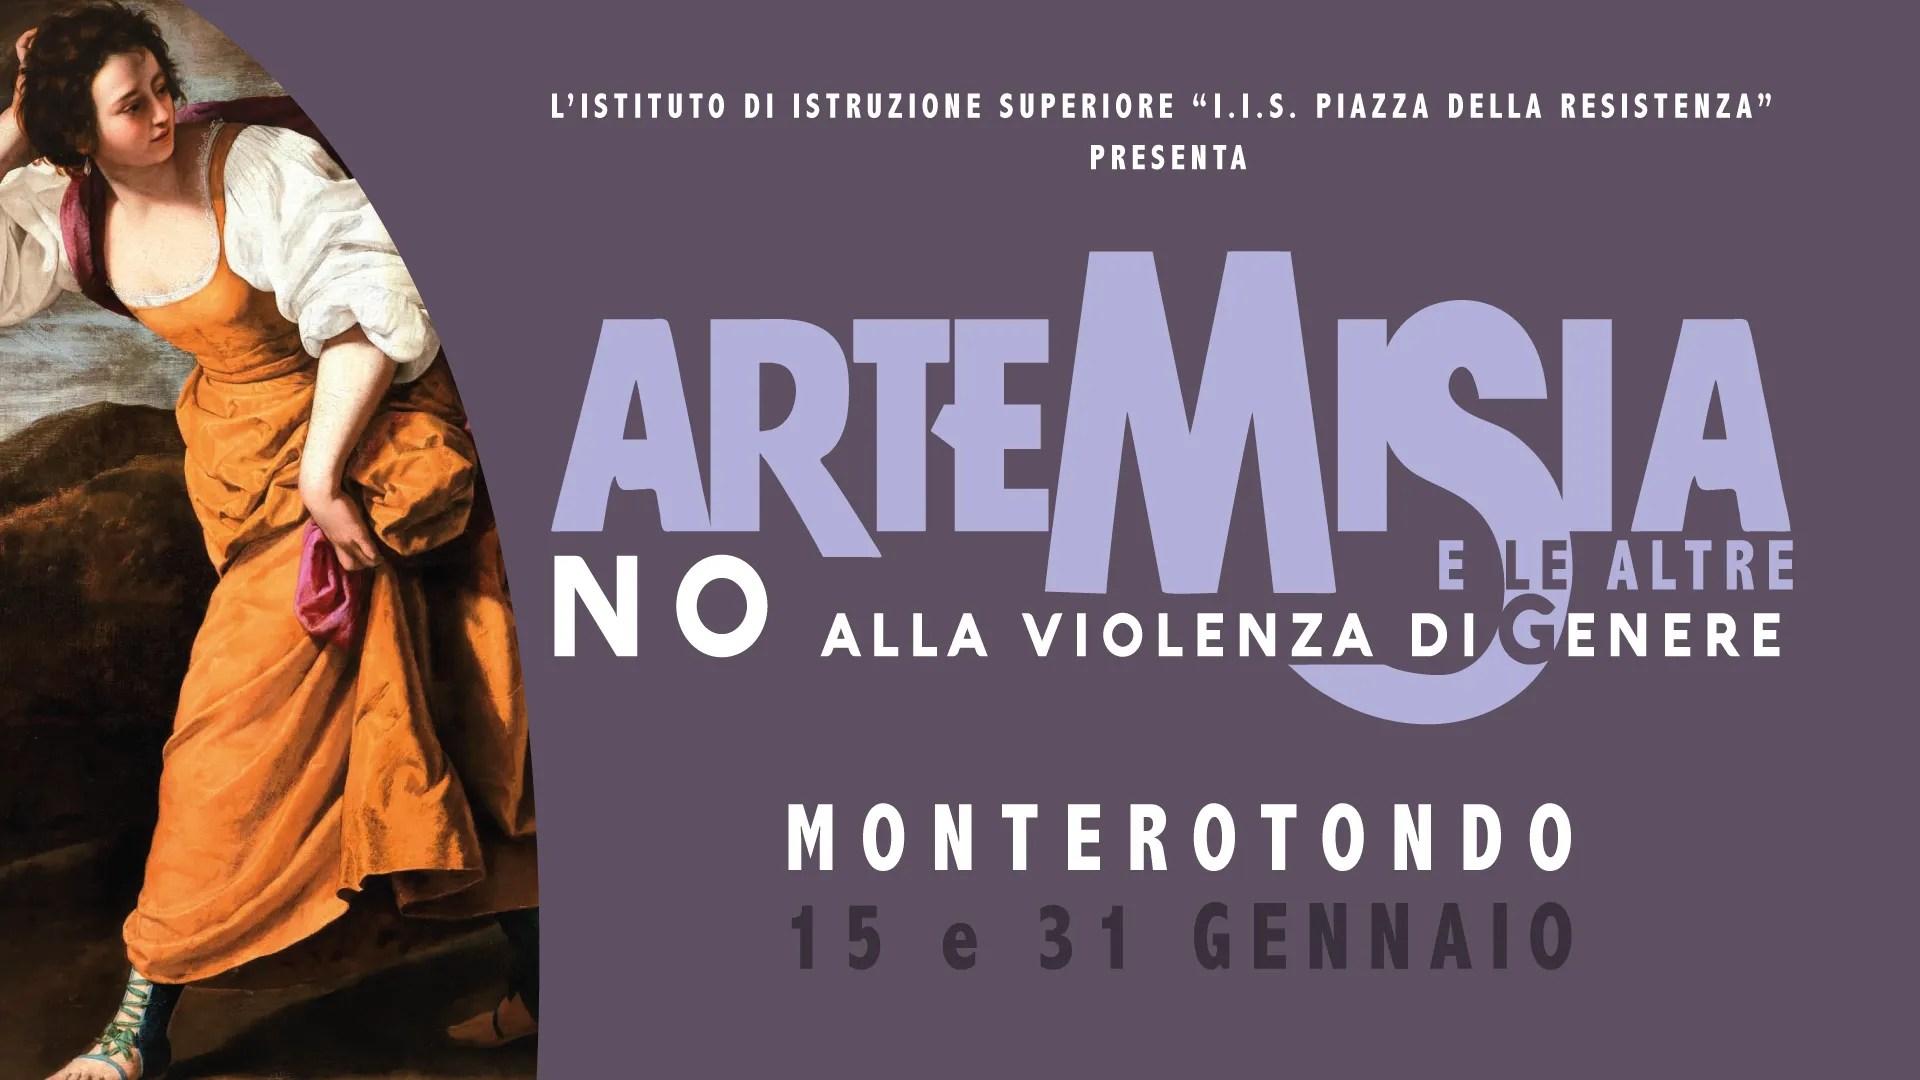 Artemisia dice NO alla violenza di genere